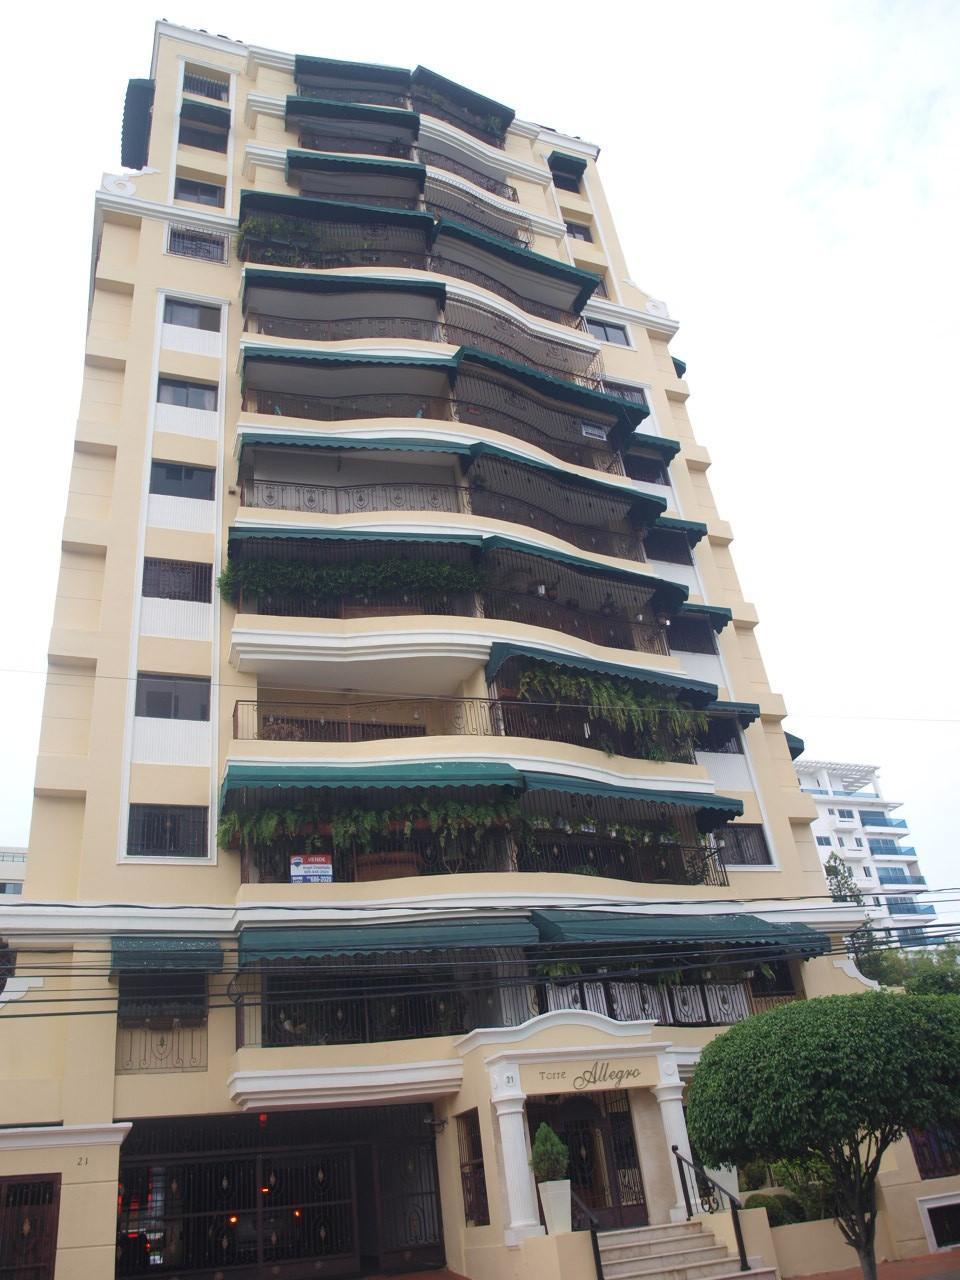 Penthouse en venta en el sector ENSANCHE NACO precio US$ 325,000.00 US$325,000